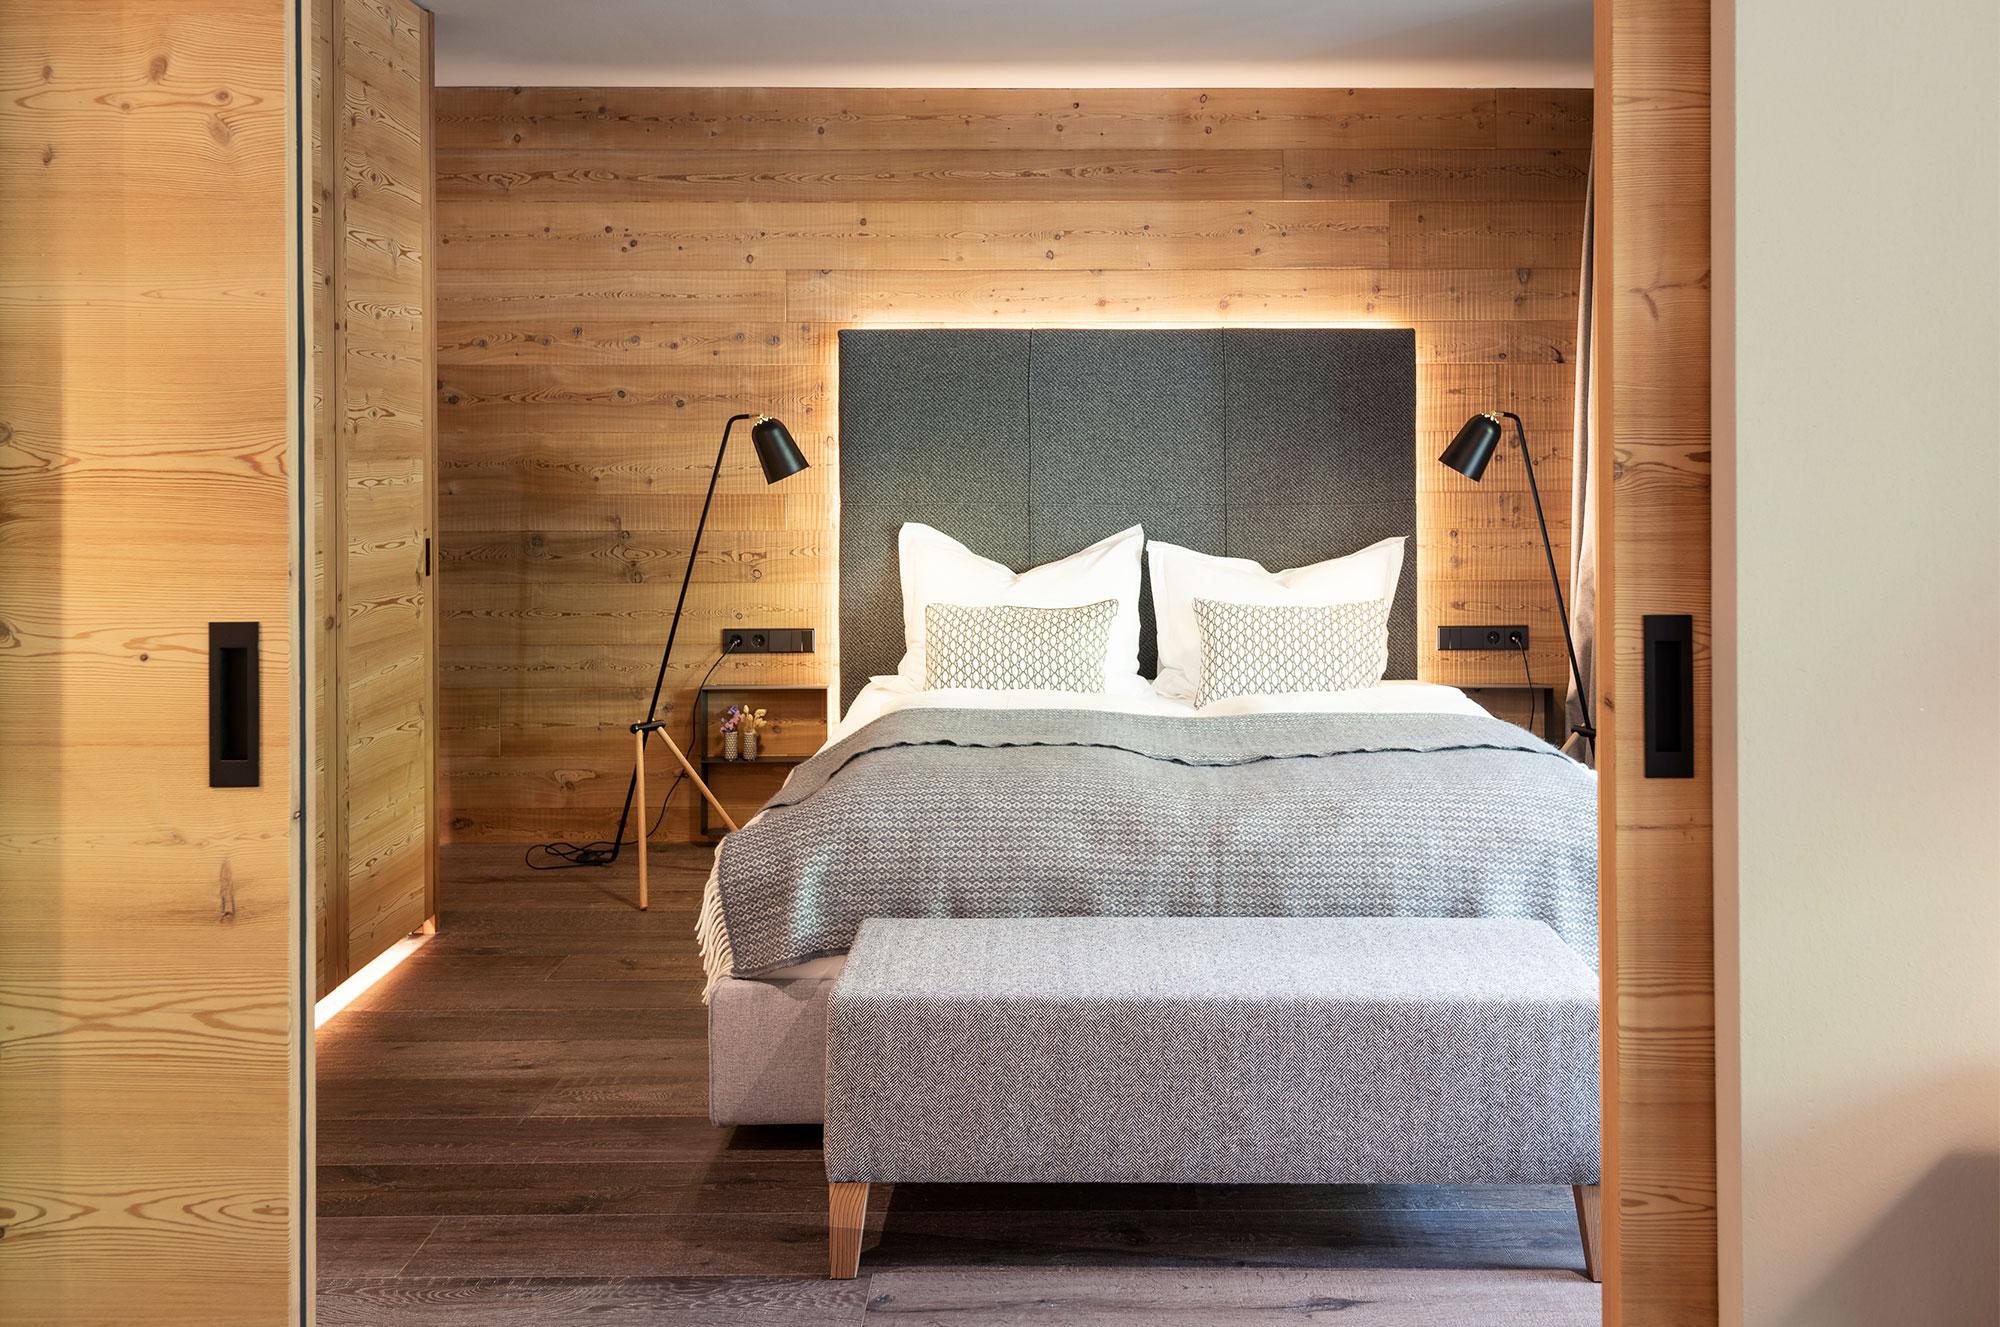 Blick in eines der Zimmer des Hotel Gitschberg